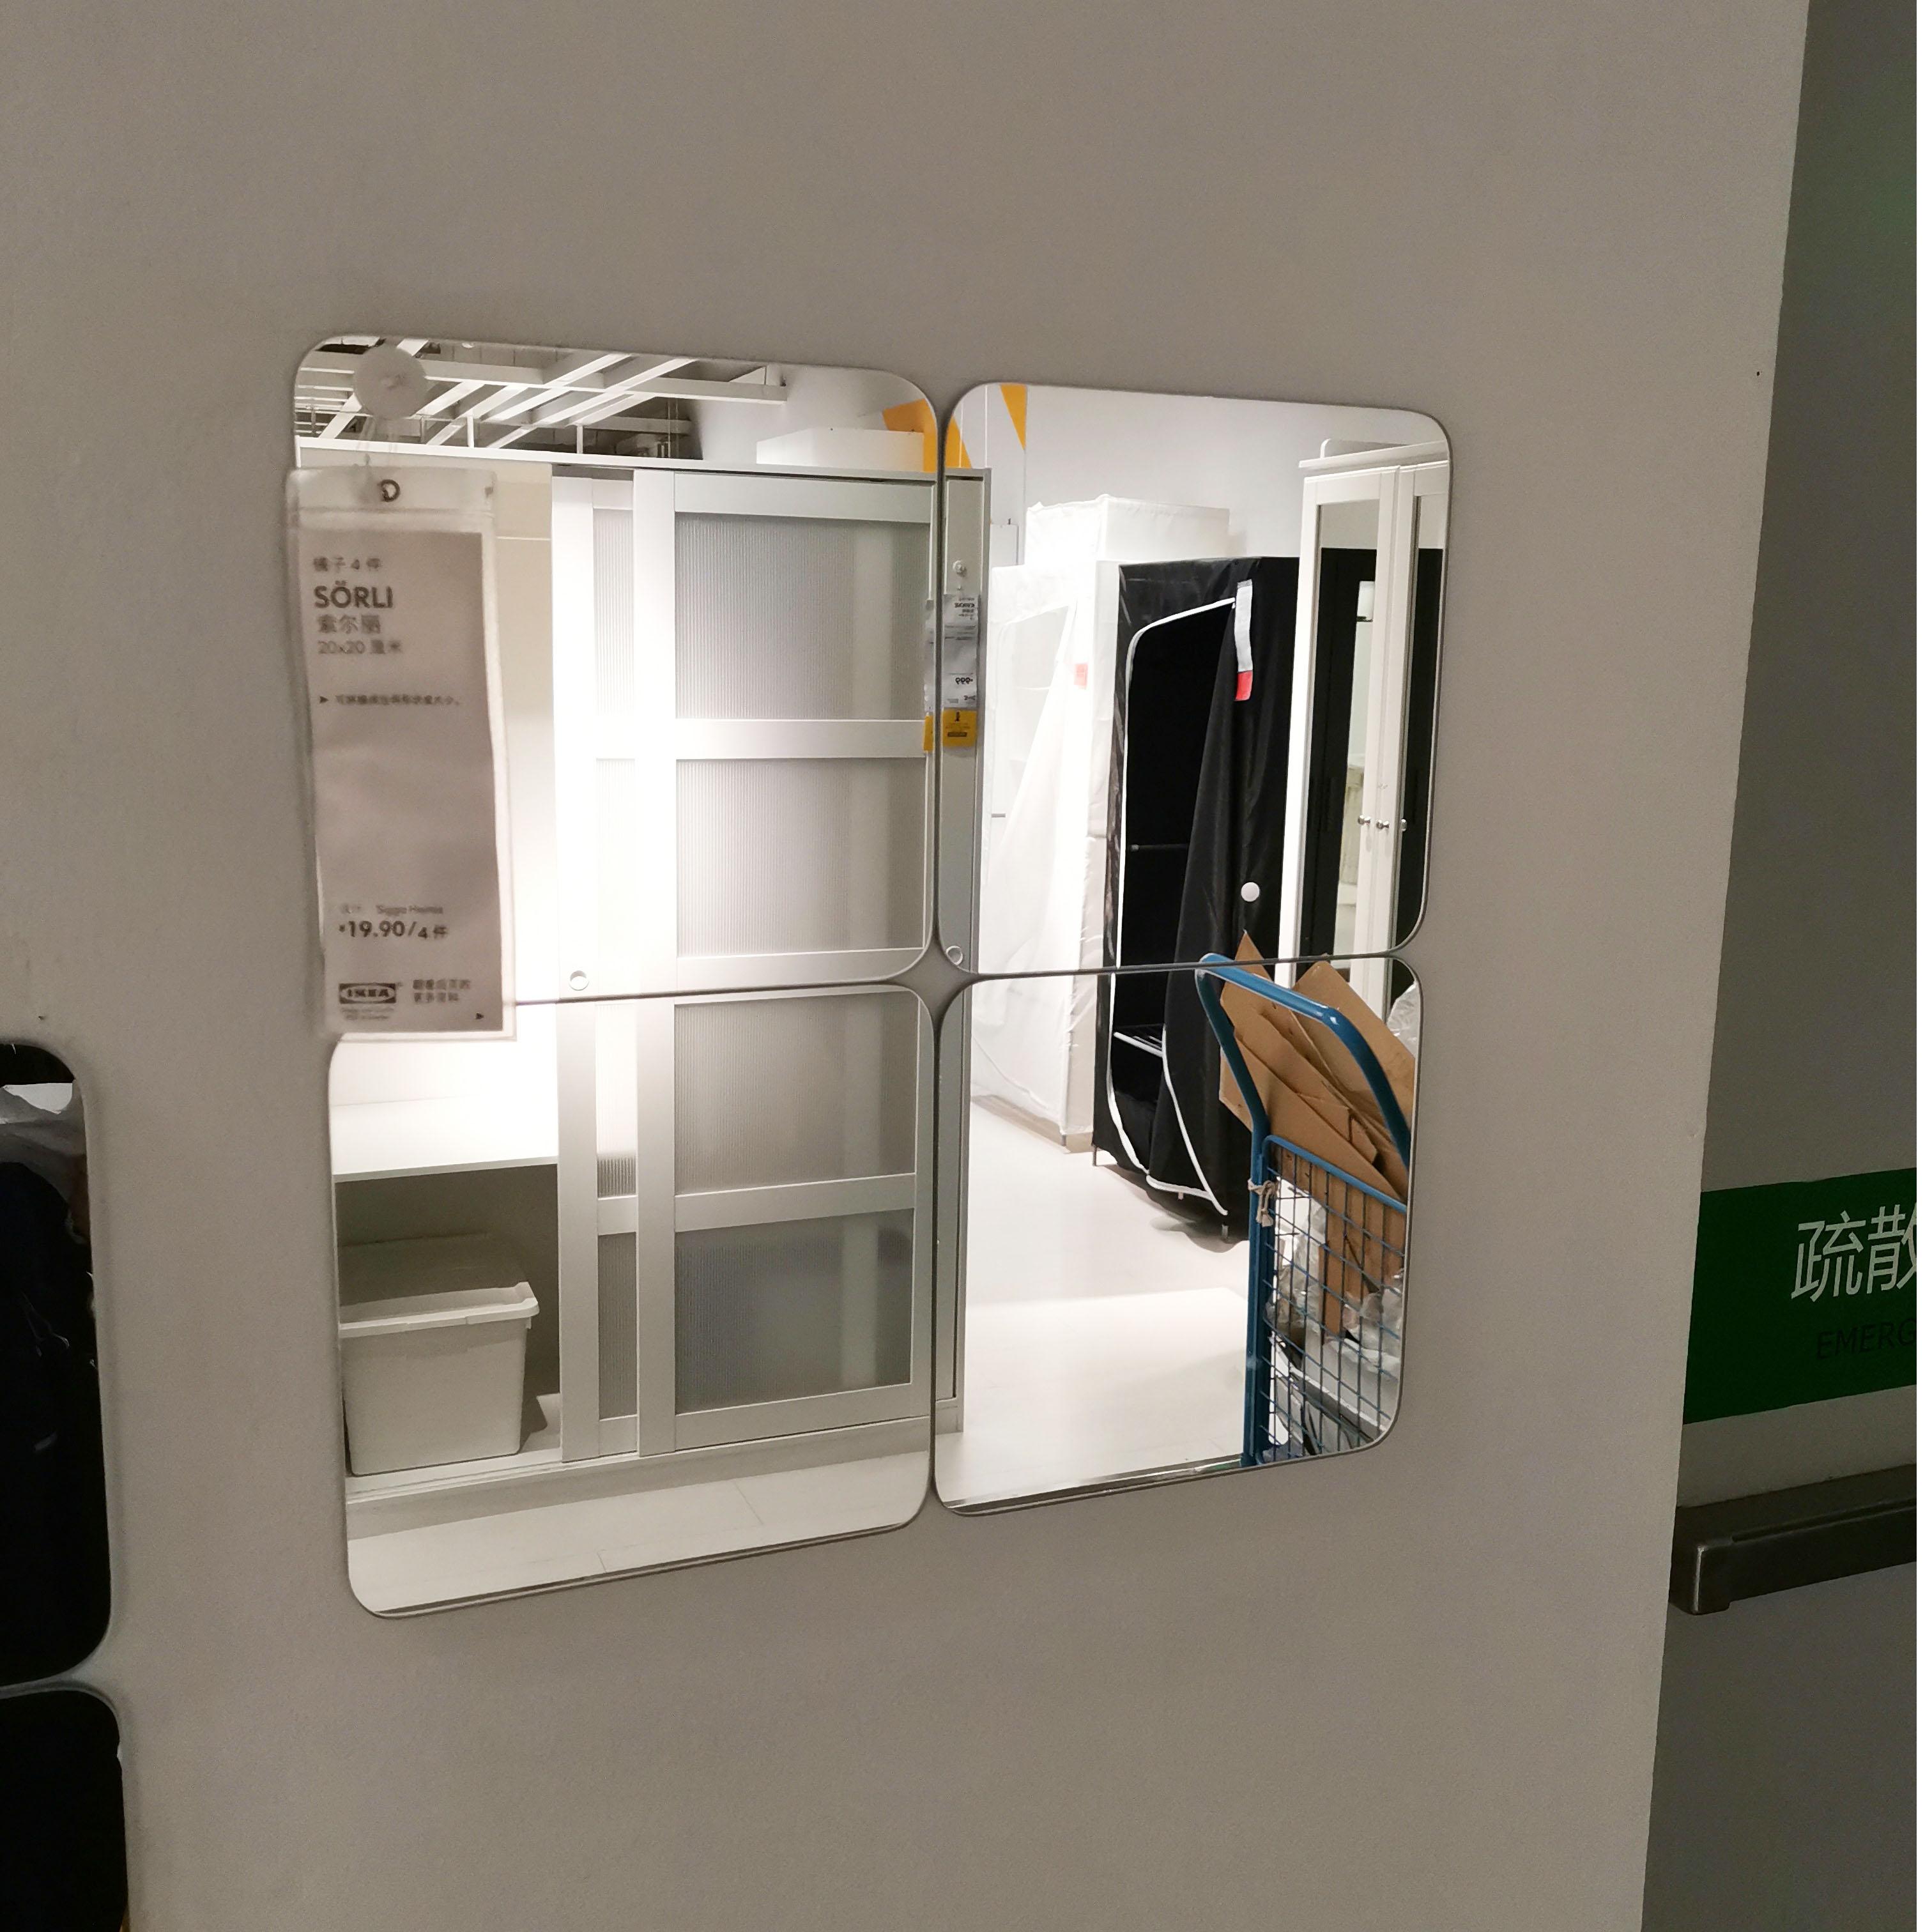 IKEA Solli trang trí gương trang trí tường gương miễn phí với hai mặt dính phòng tắm phòng ngủ khâu trong nước - Gương